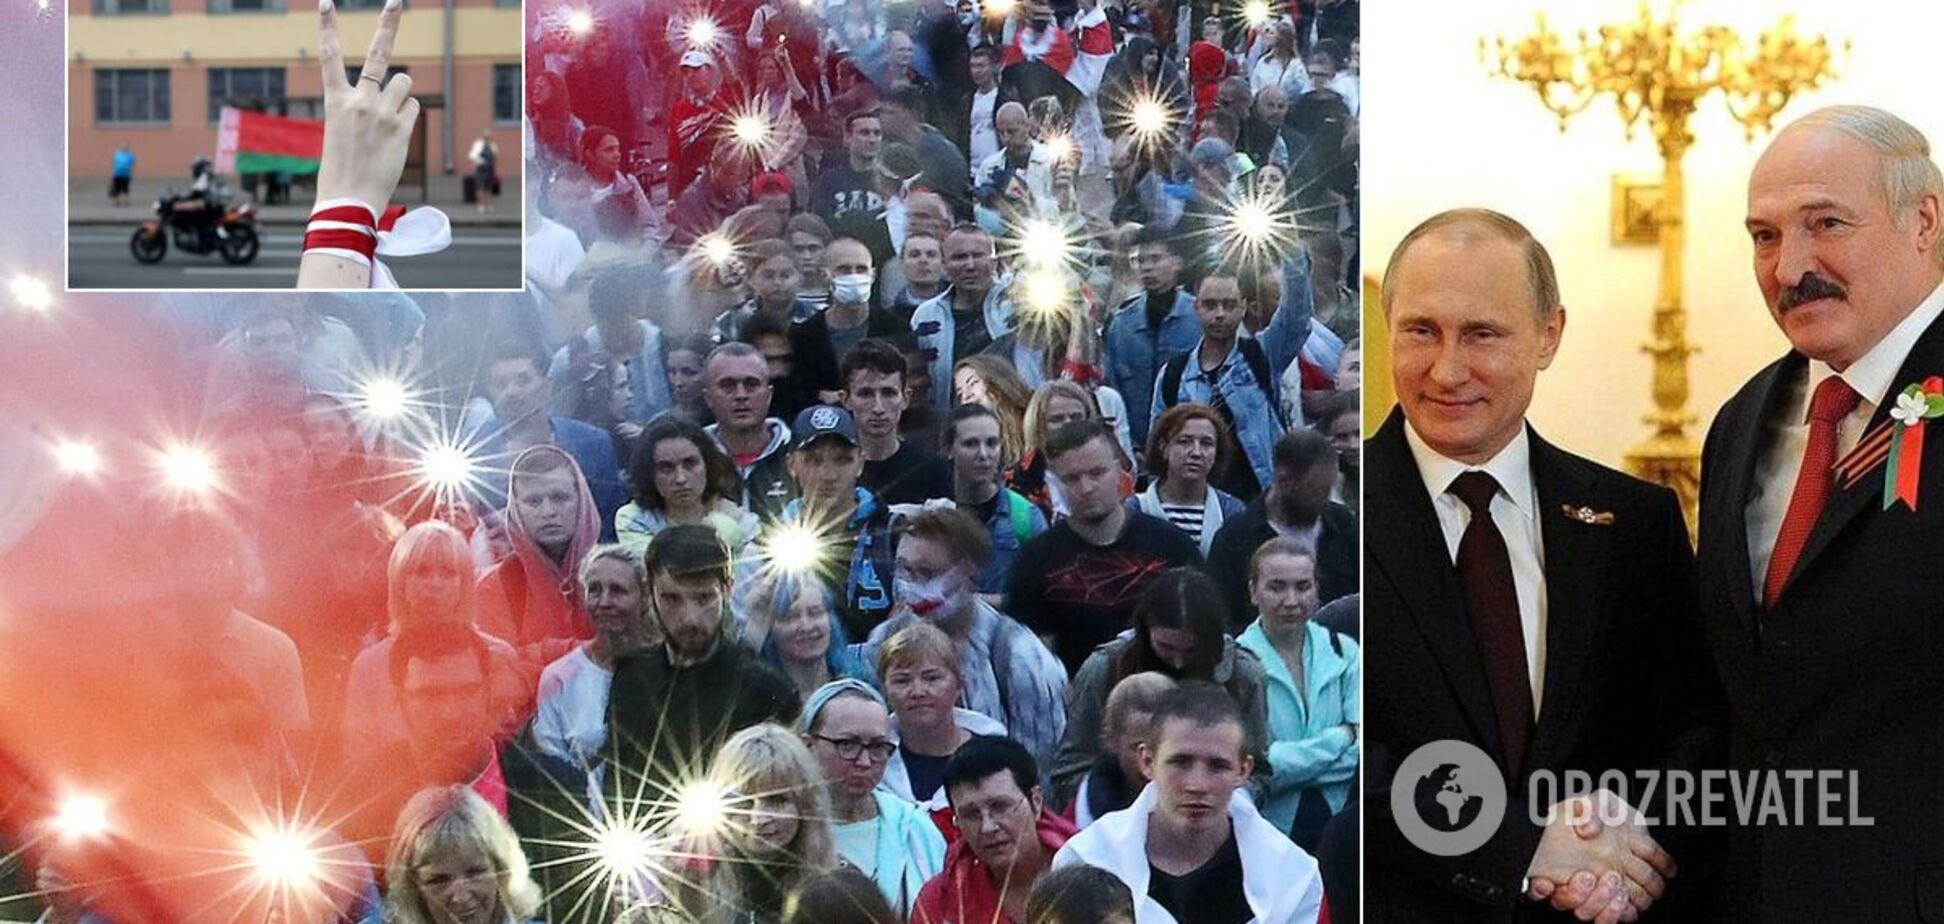 Курносова: в Беларуси появились 'черные человечки' Кремля, протесты могут начаться и в РФ